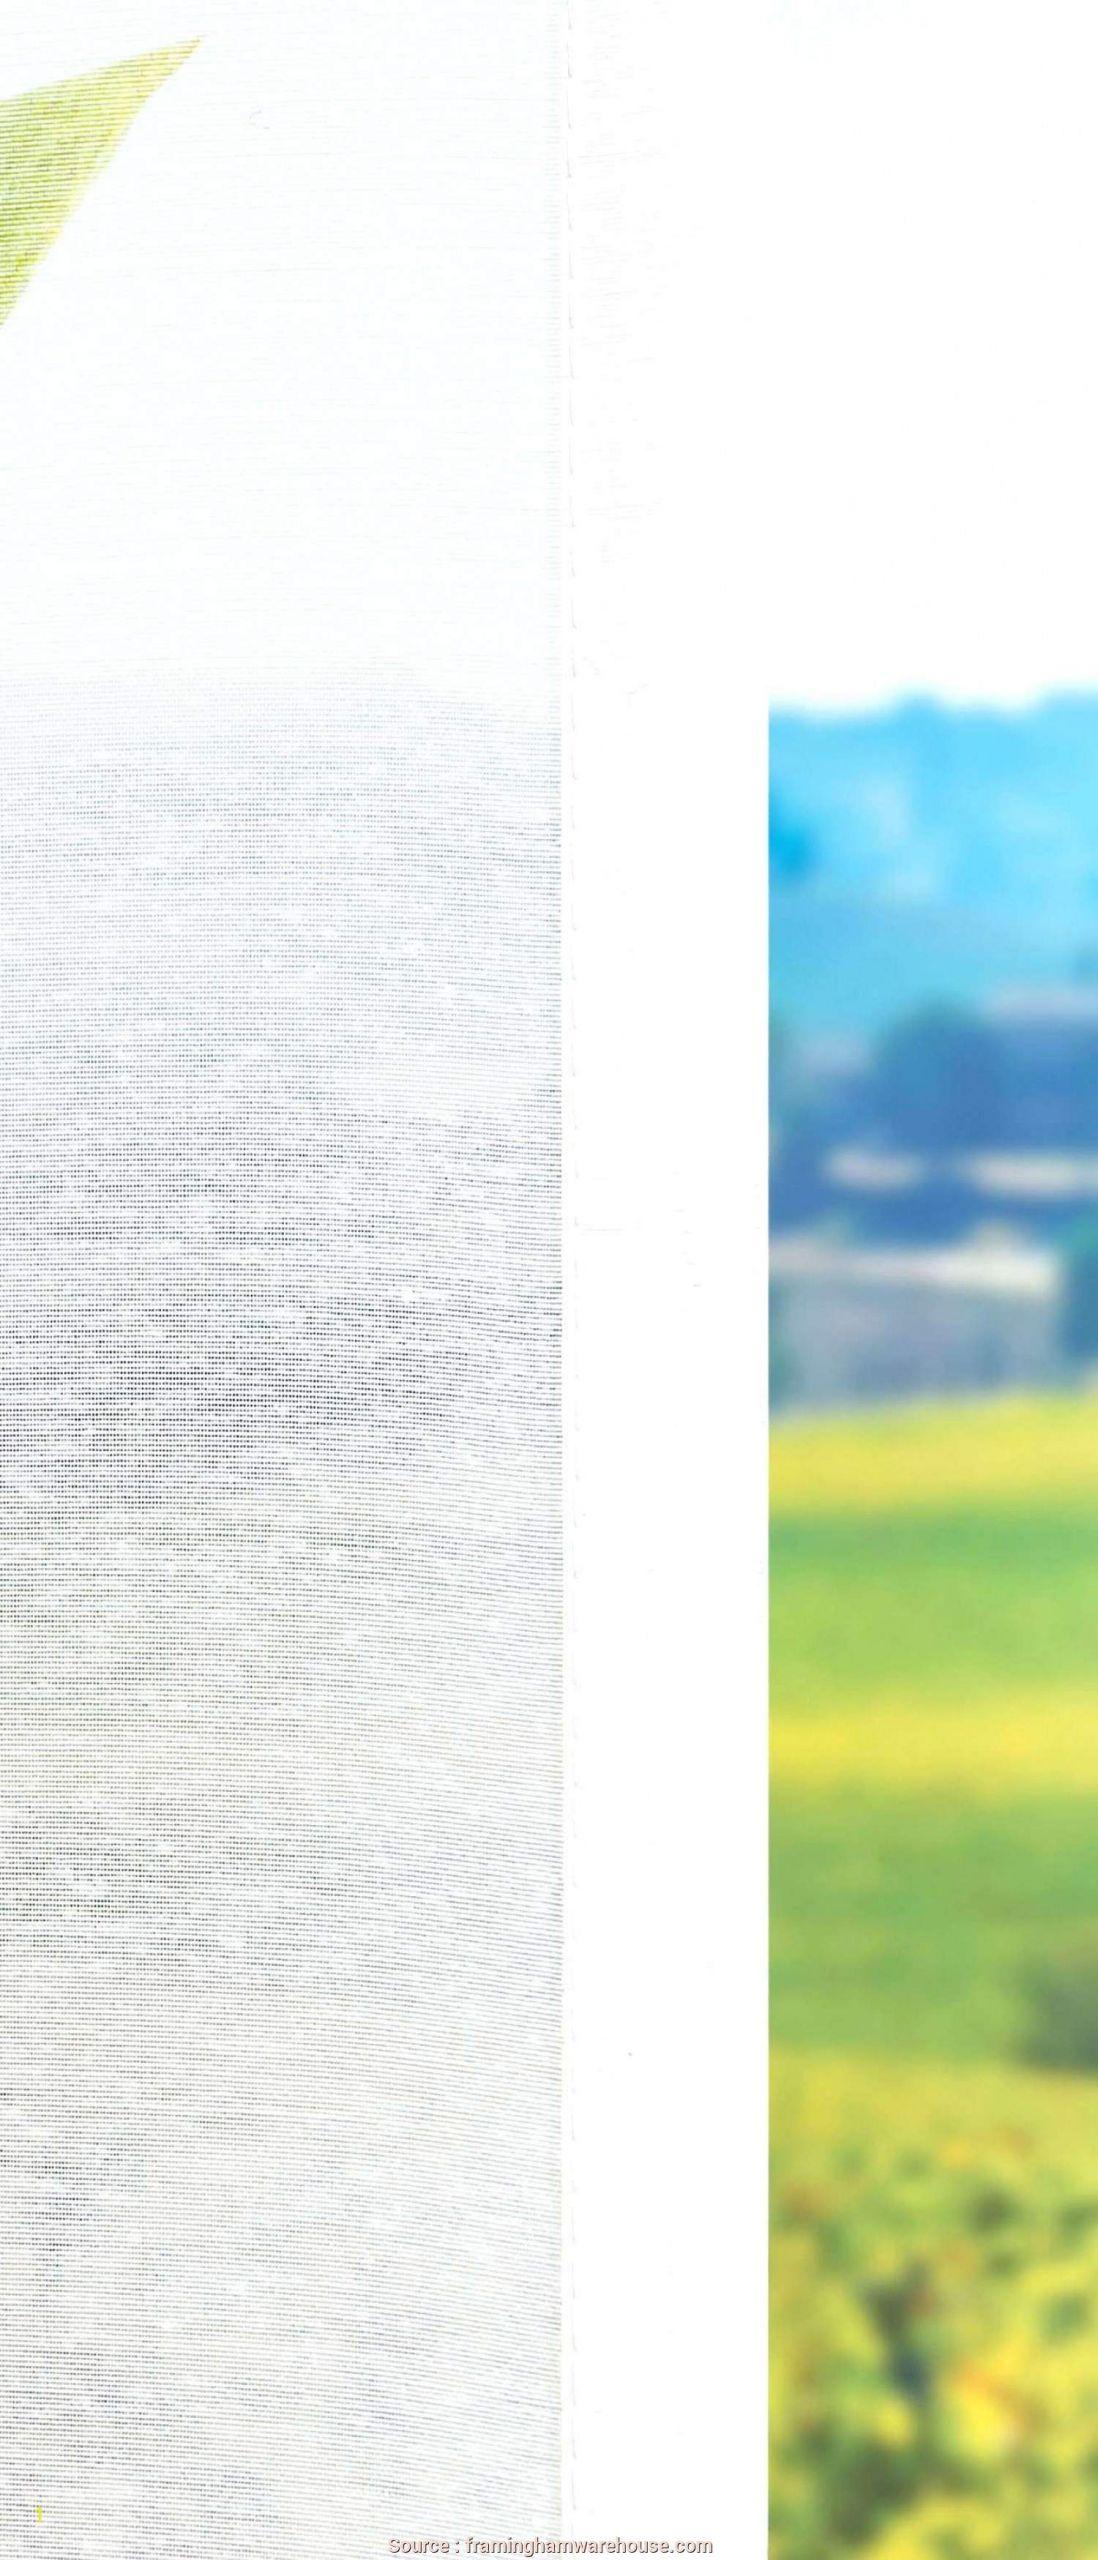 ikea stoffe sonnenschutz garten sichtschutz cool schiebegardine bambusart 0d für sichtschutz konzept balkon sichtschutz stoff ikea 13